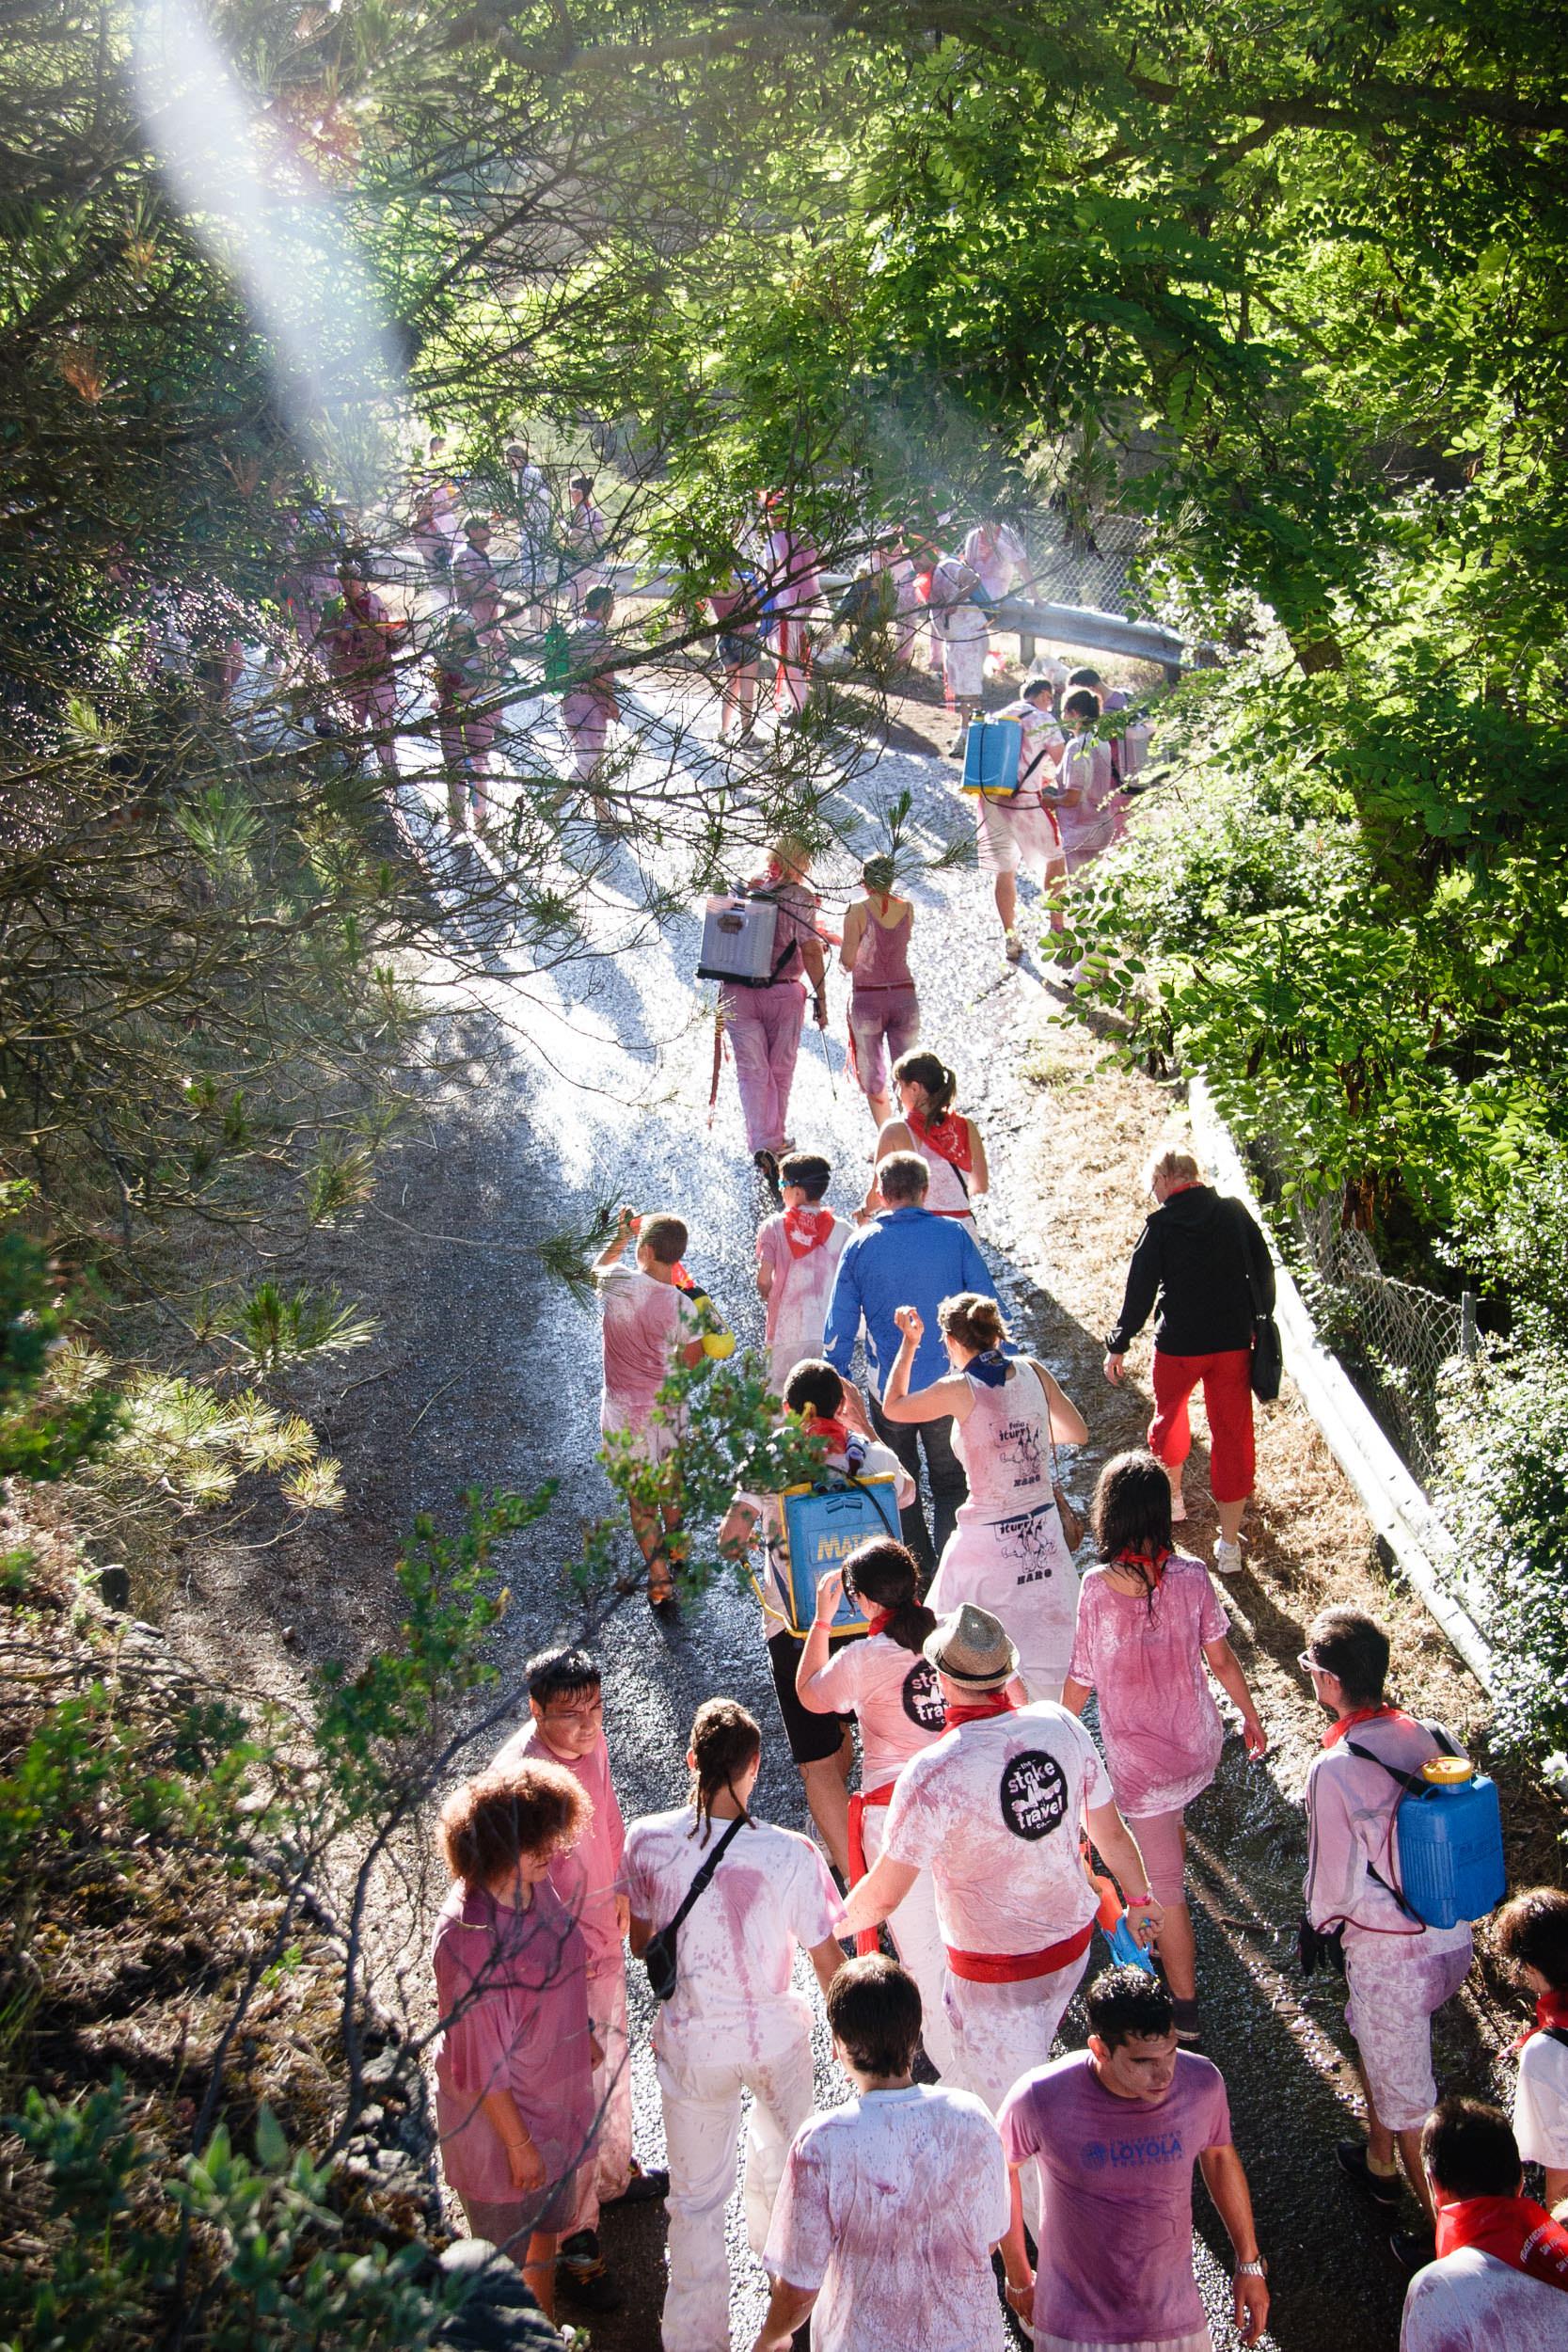 Fotografia Editorial Haro La Rioja España - La Batalla de Vino - James Sturcke Photographer | sturcke.org_004.jpg